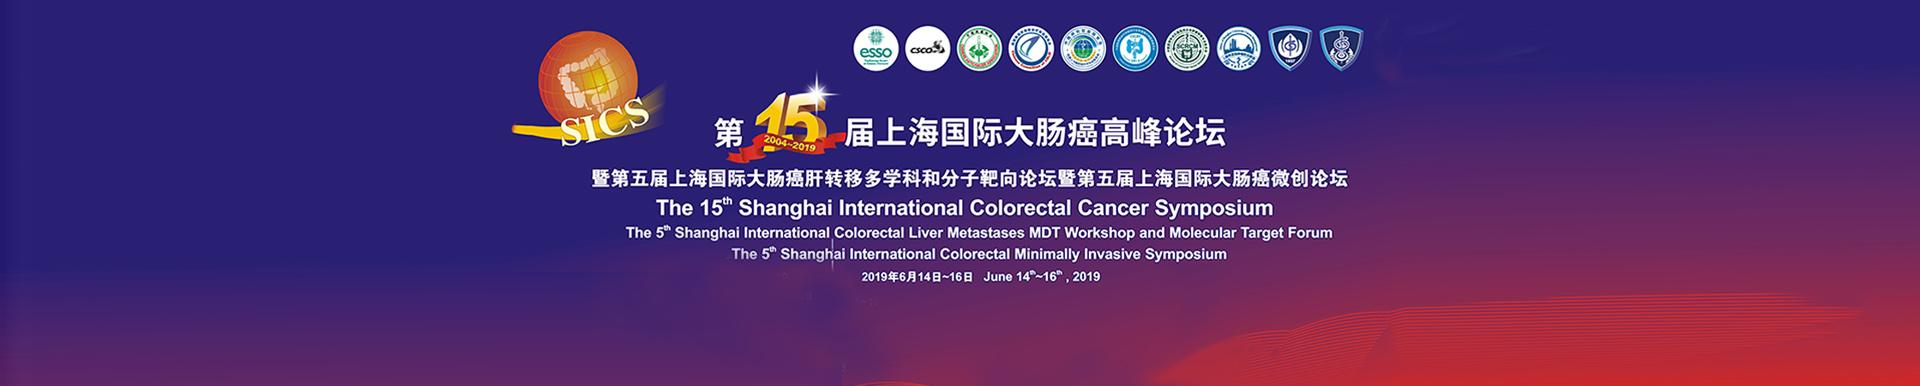 第十五届上海国际大肠癌高峰论坛暨第五届上海国际大肠癌肝转移多学科和分子靶向论坛